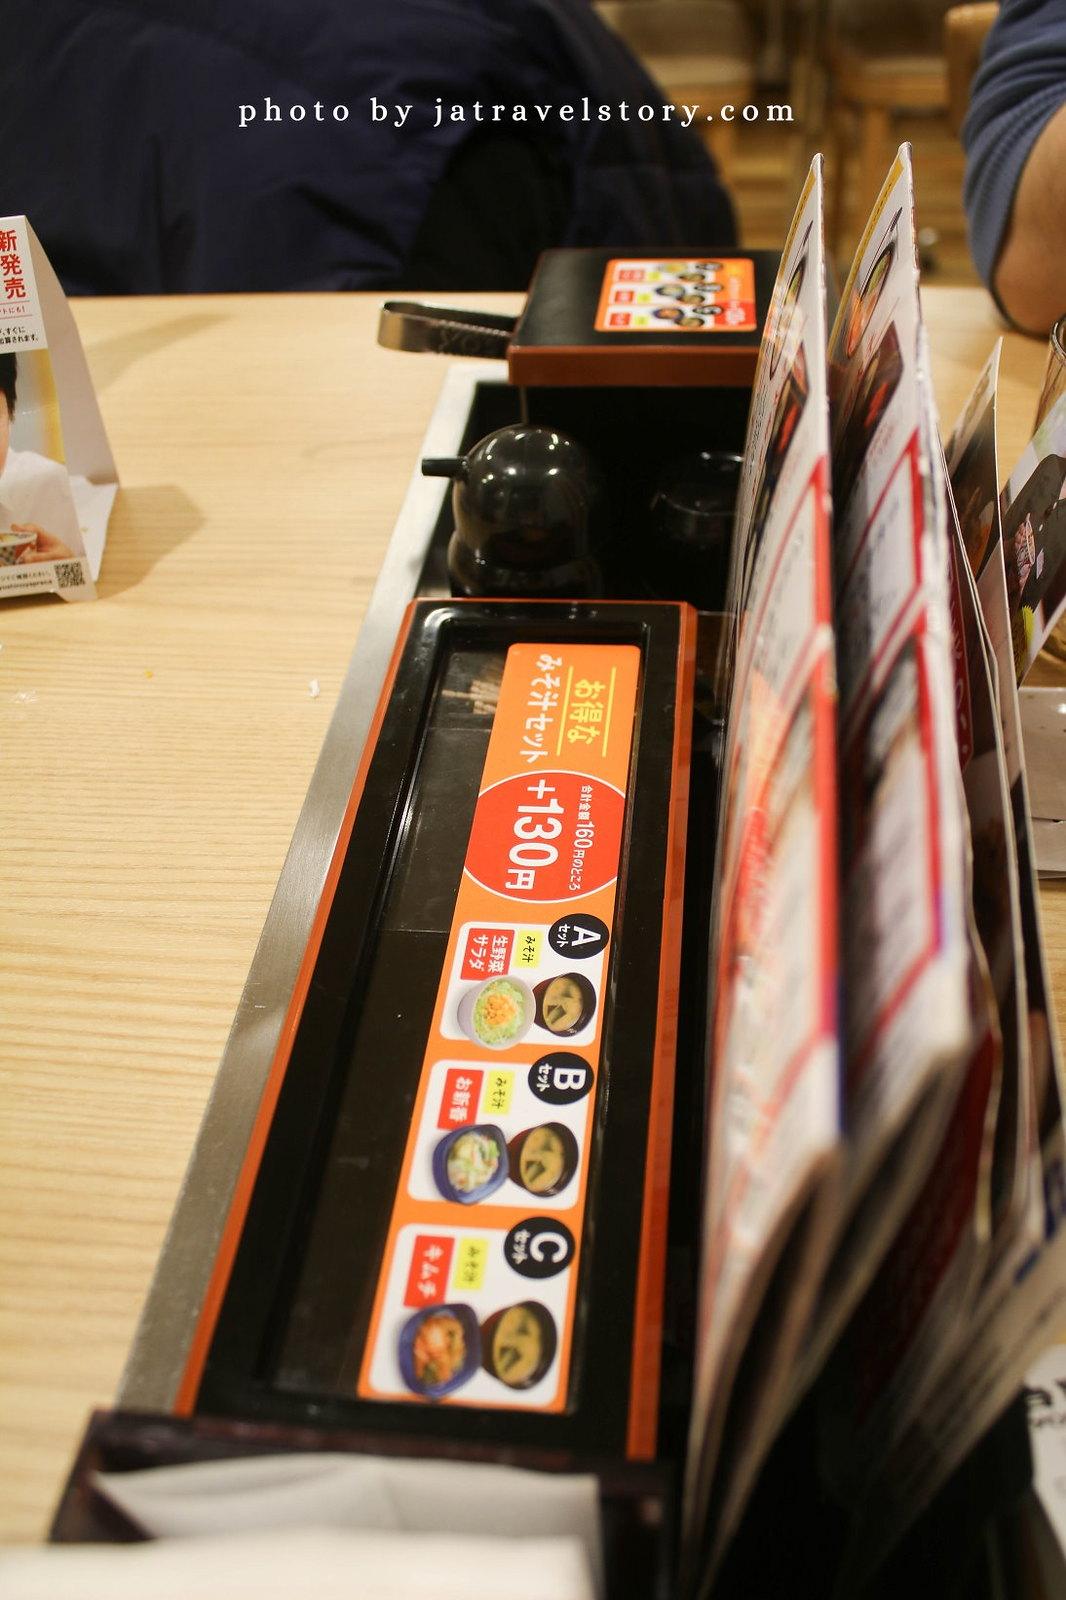 吉野家 平價牛丼連鎖店,牛丼一碗日幣380元起!省錢旅遊的好夥伴【滋賀美食/近江八幡美食】 @J&A的旅行